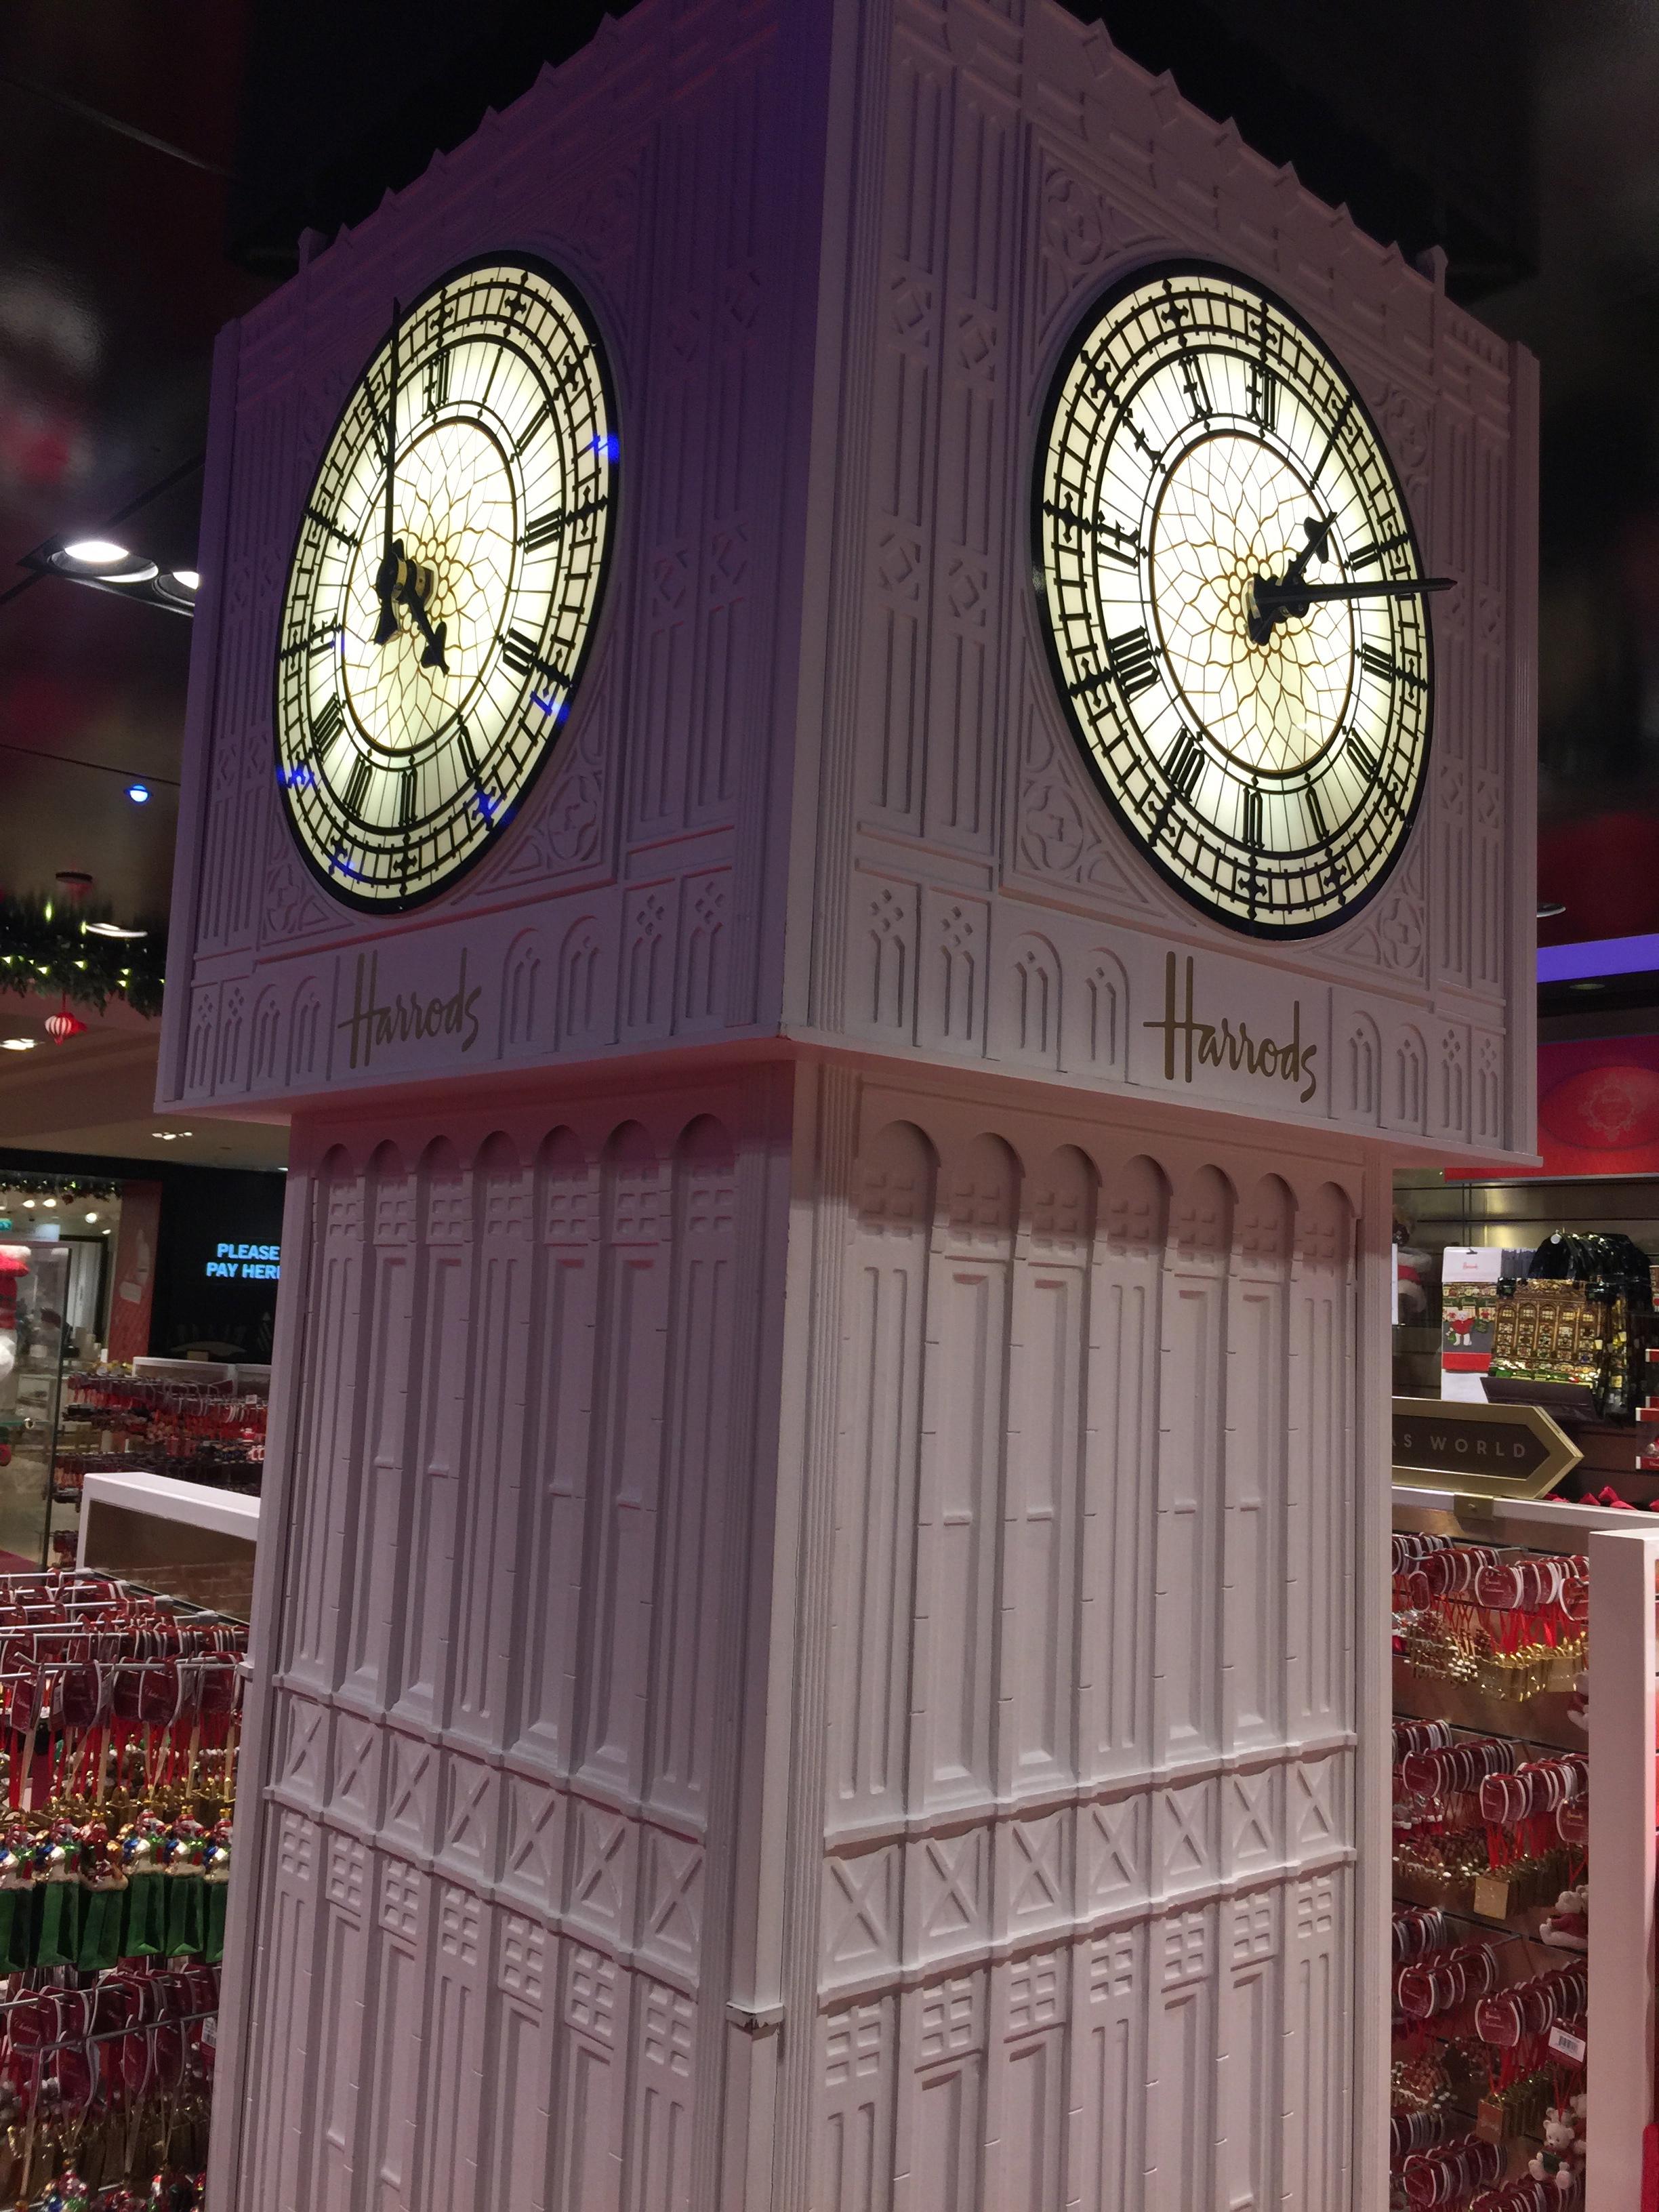 Harrods Clock